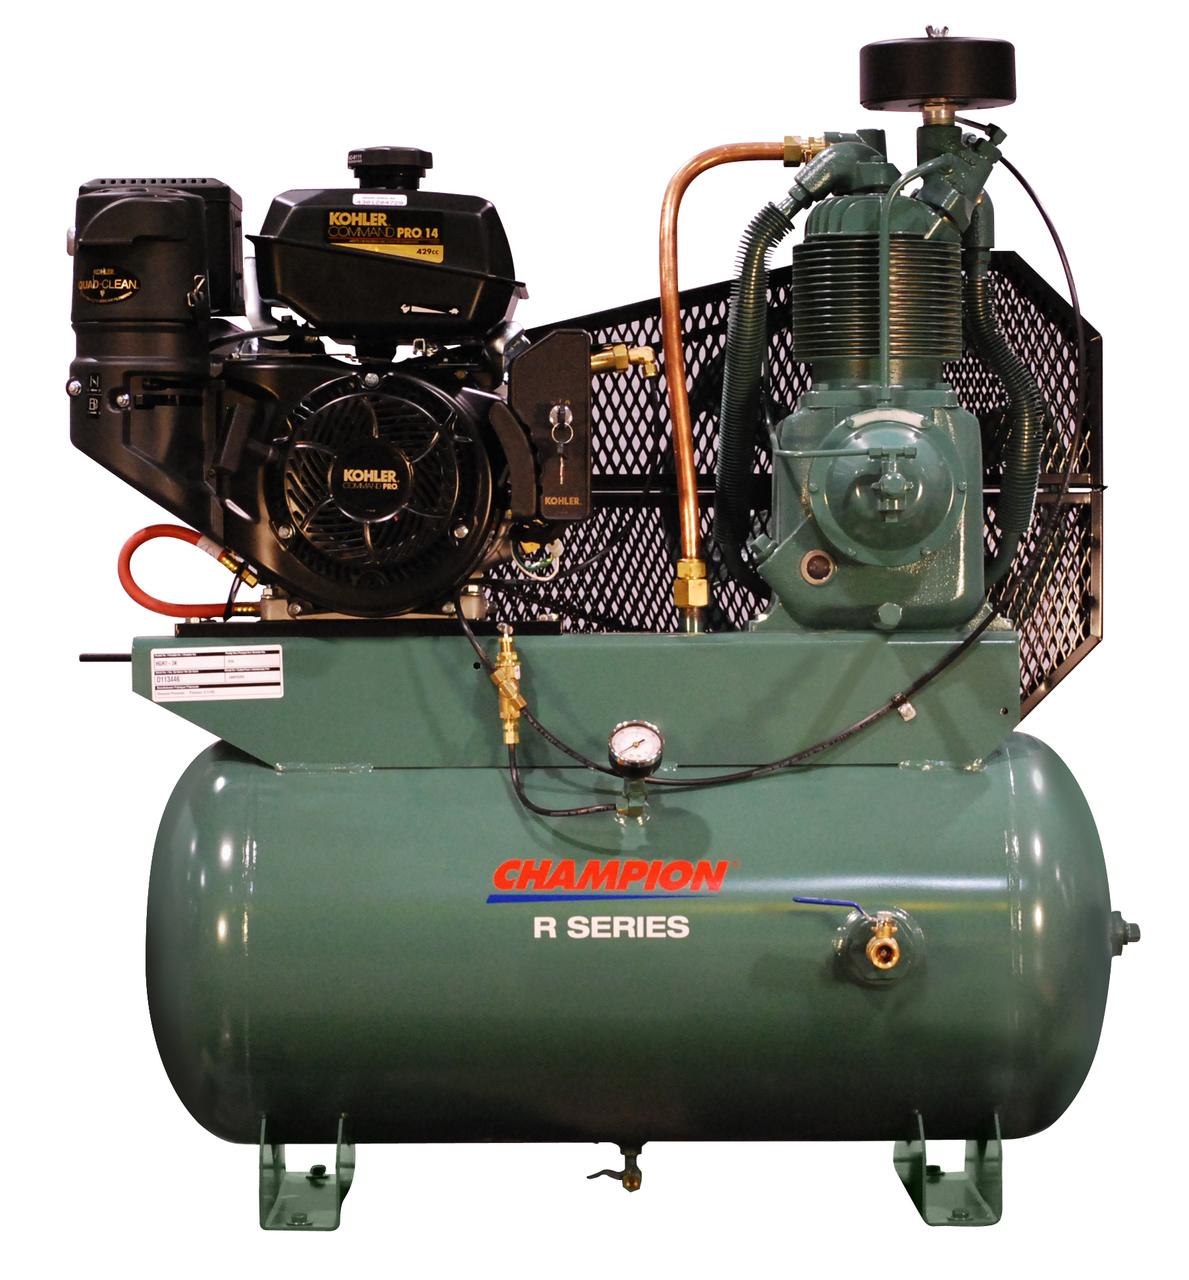 Champion Gar Engine Service Truck Compressor